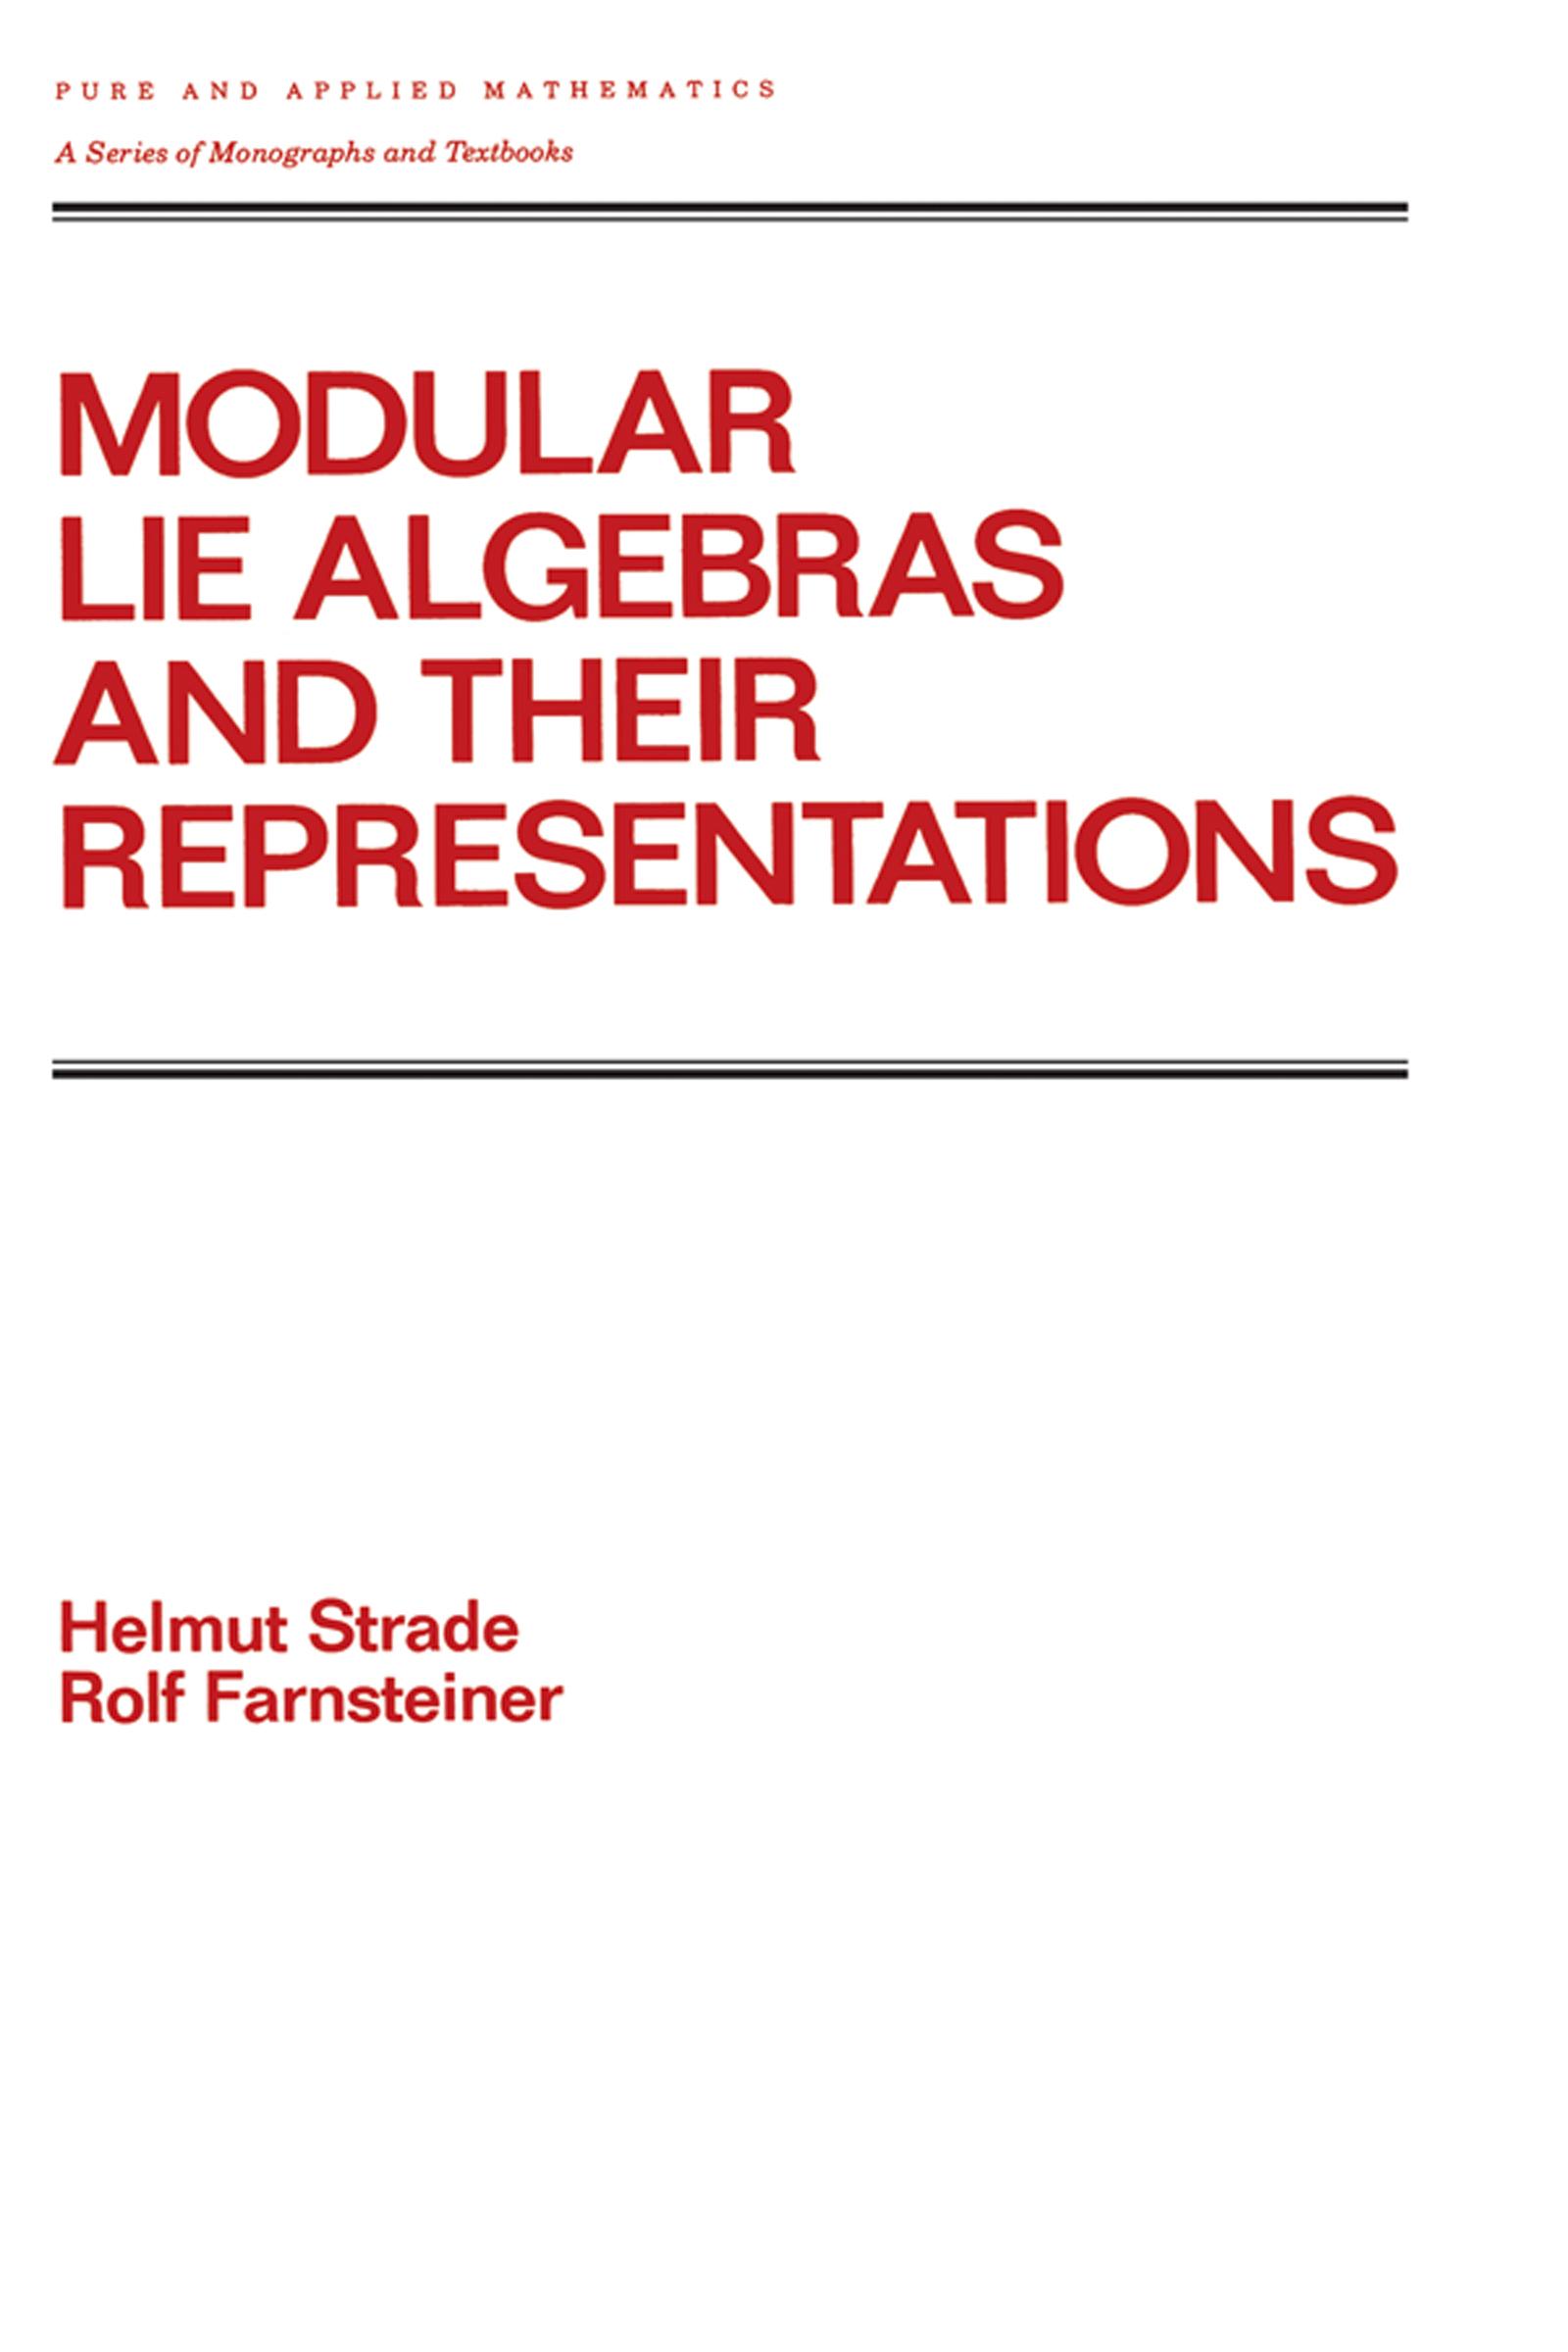 Modular Lie Algebras and their Representations